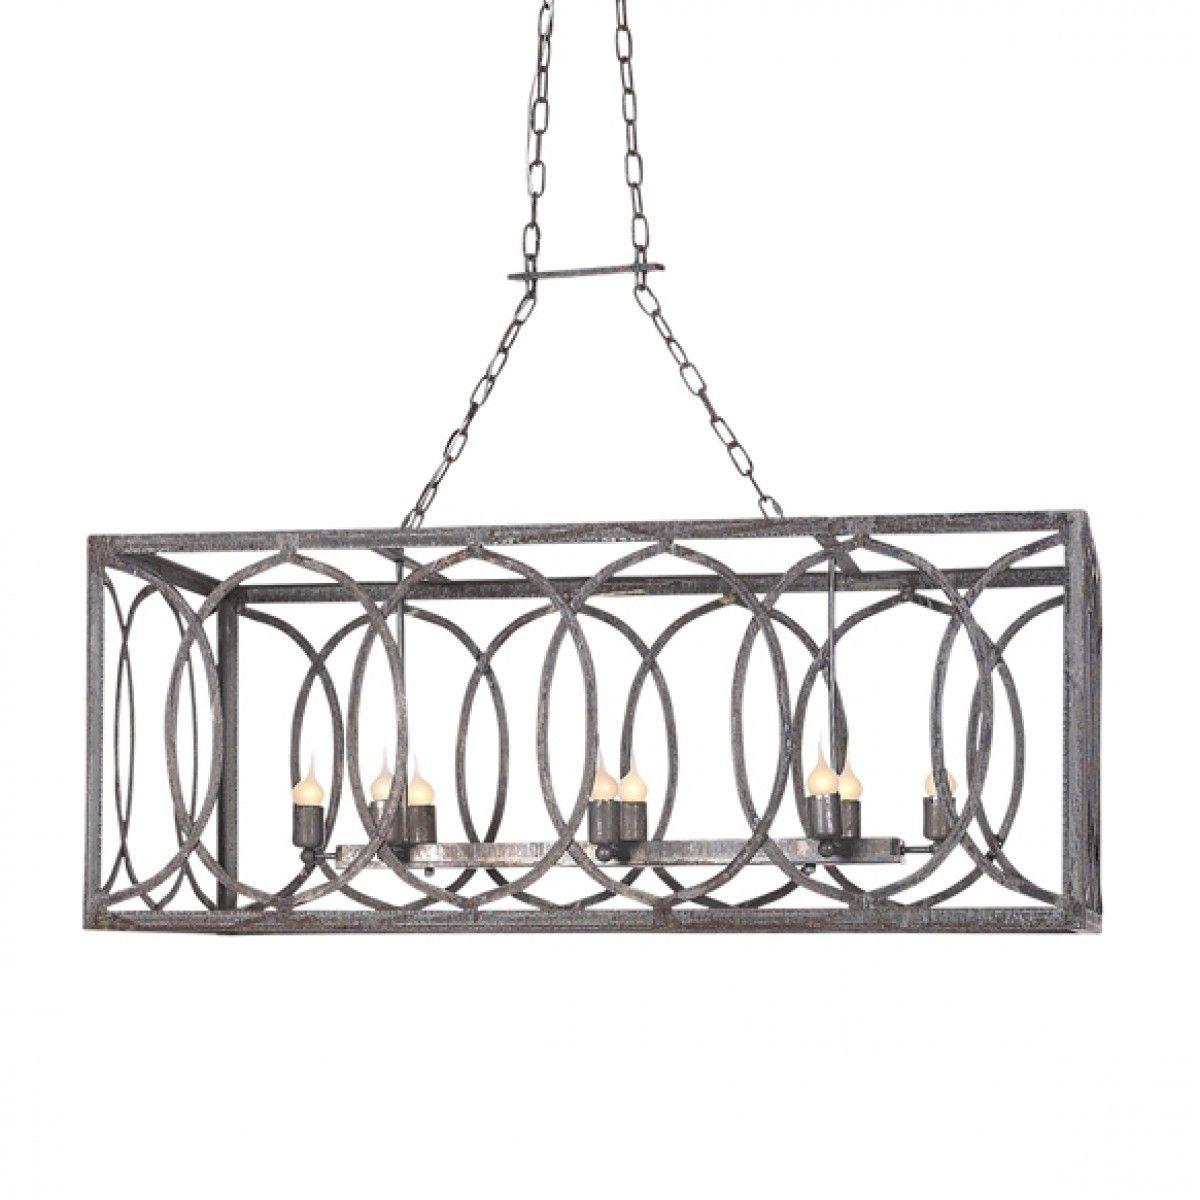 french iron charles rectangular chandelier 8 light pinterest